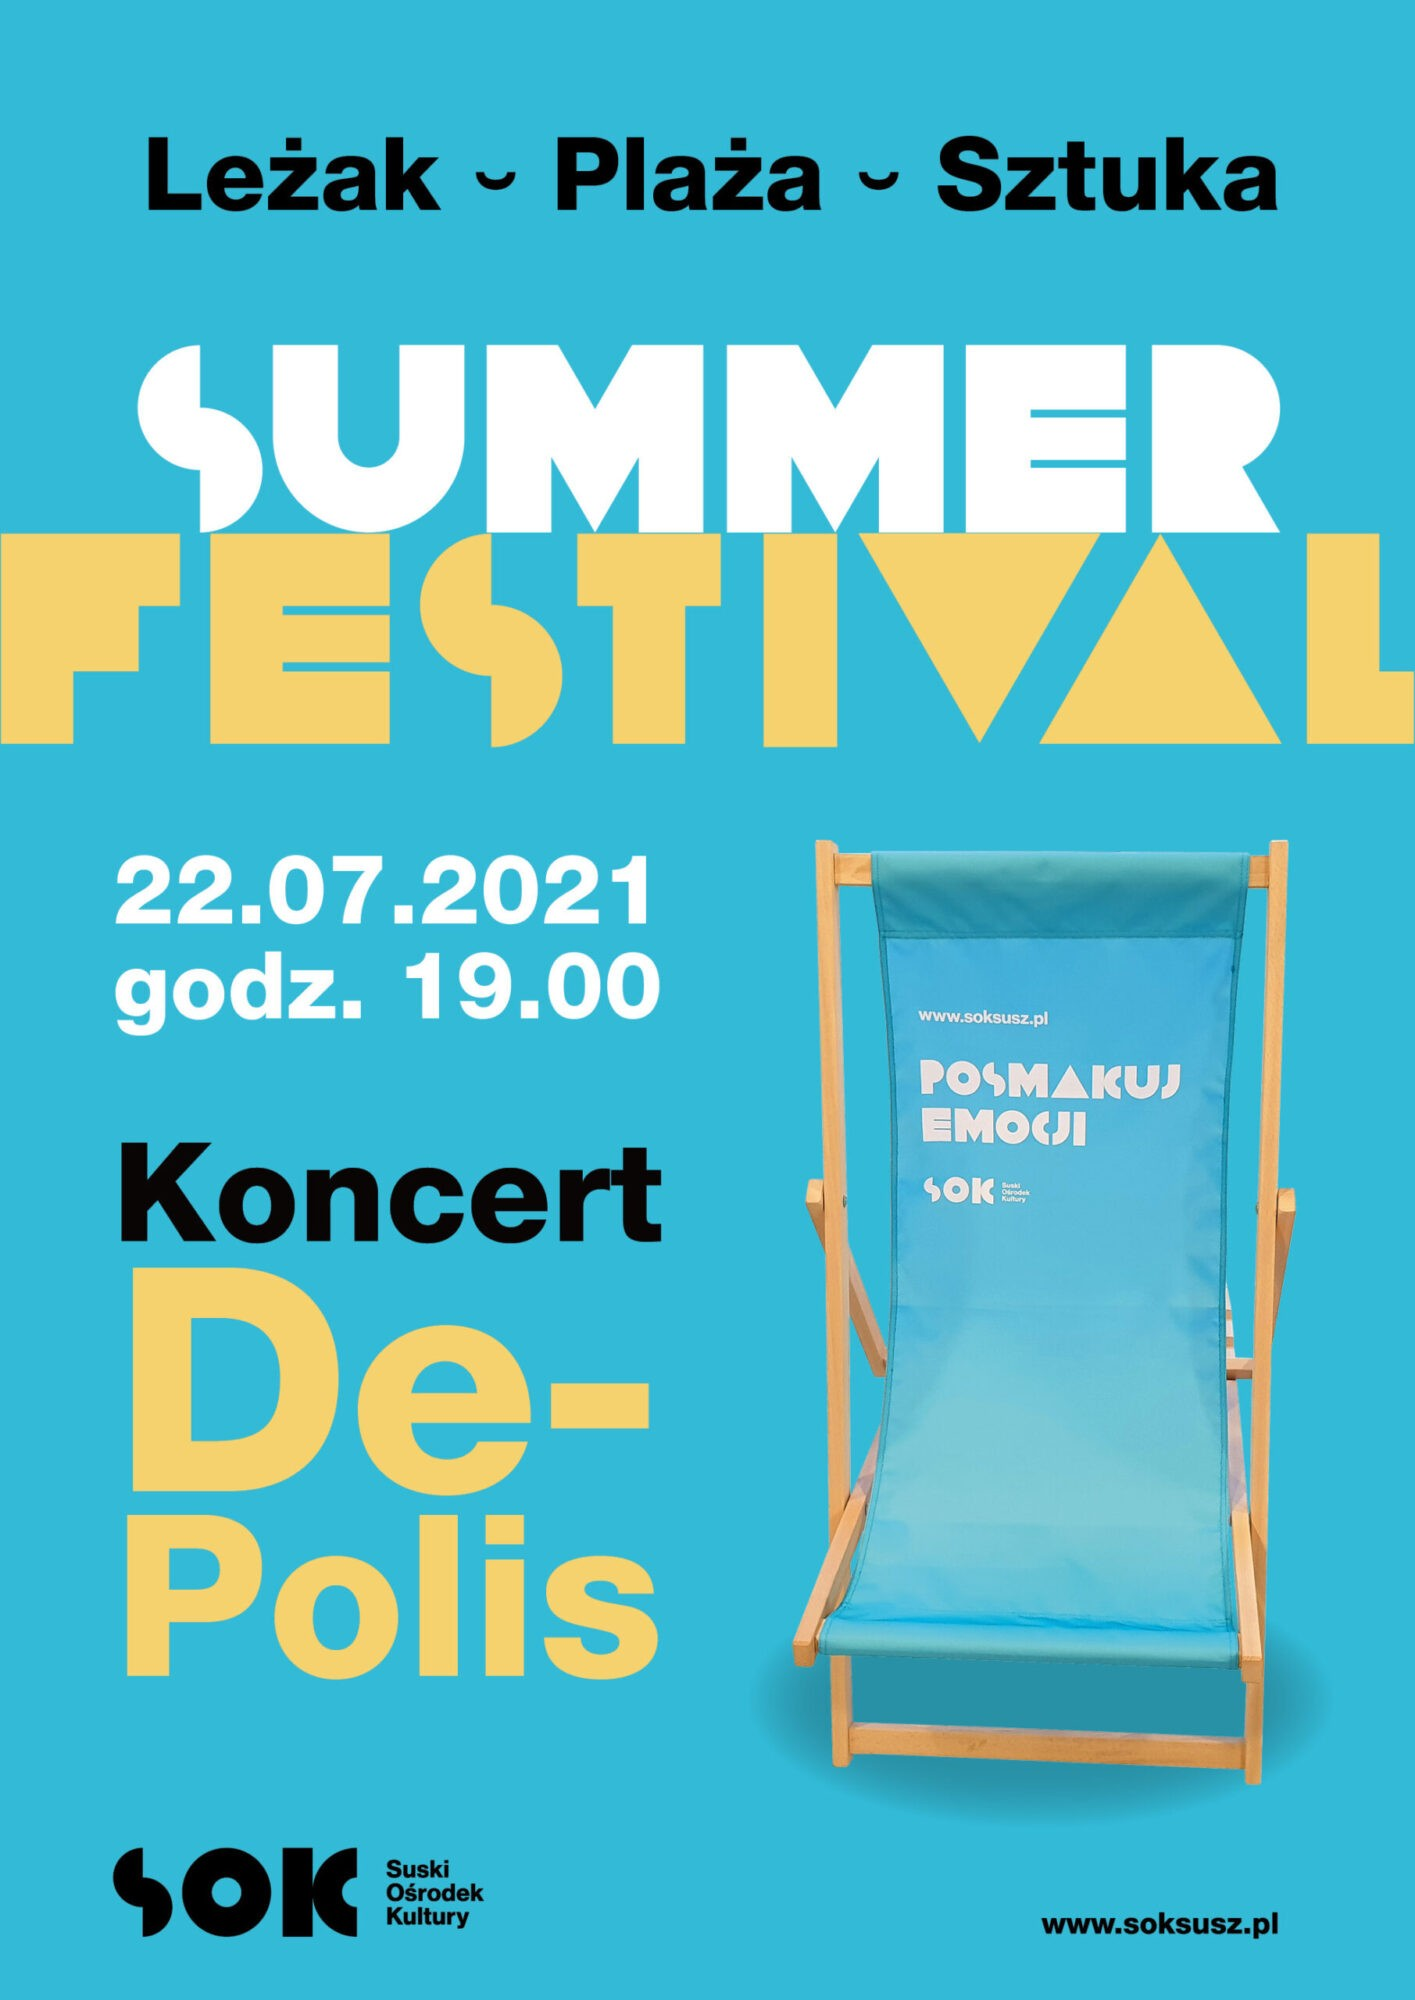 De-Polis / Summer Festival / 22.07 19:00